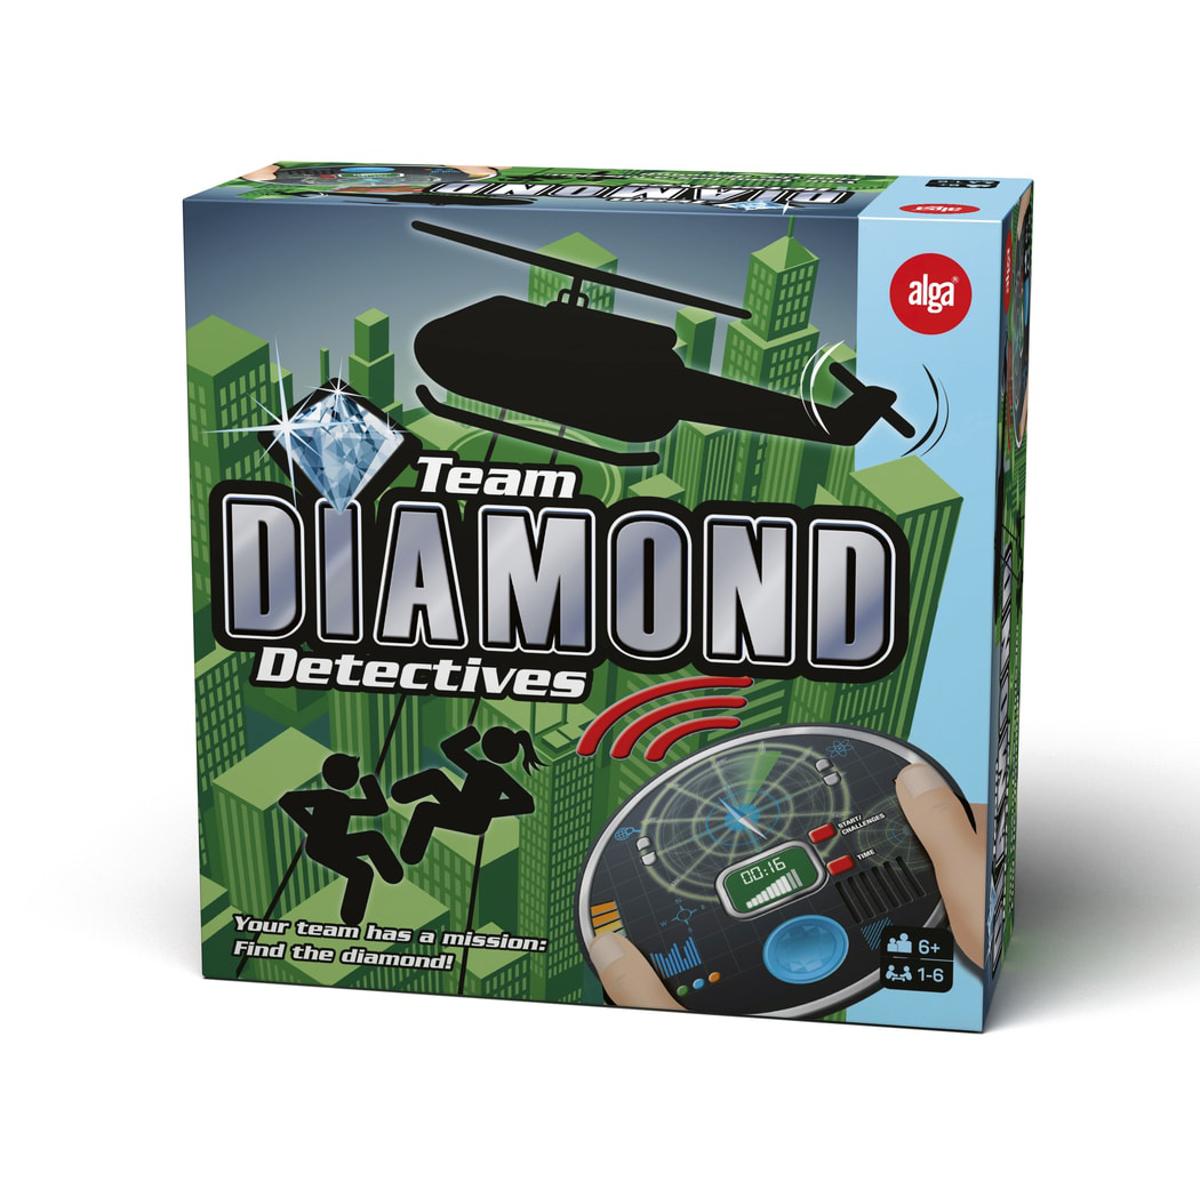 Diamond Detectives